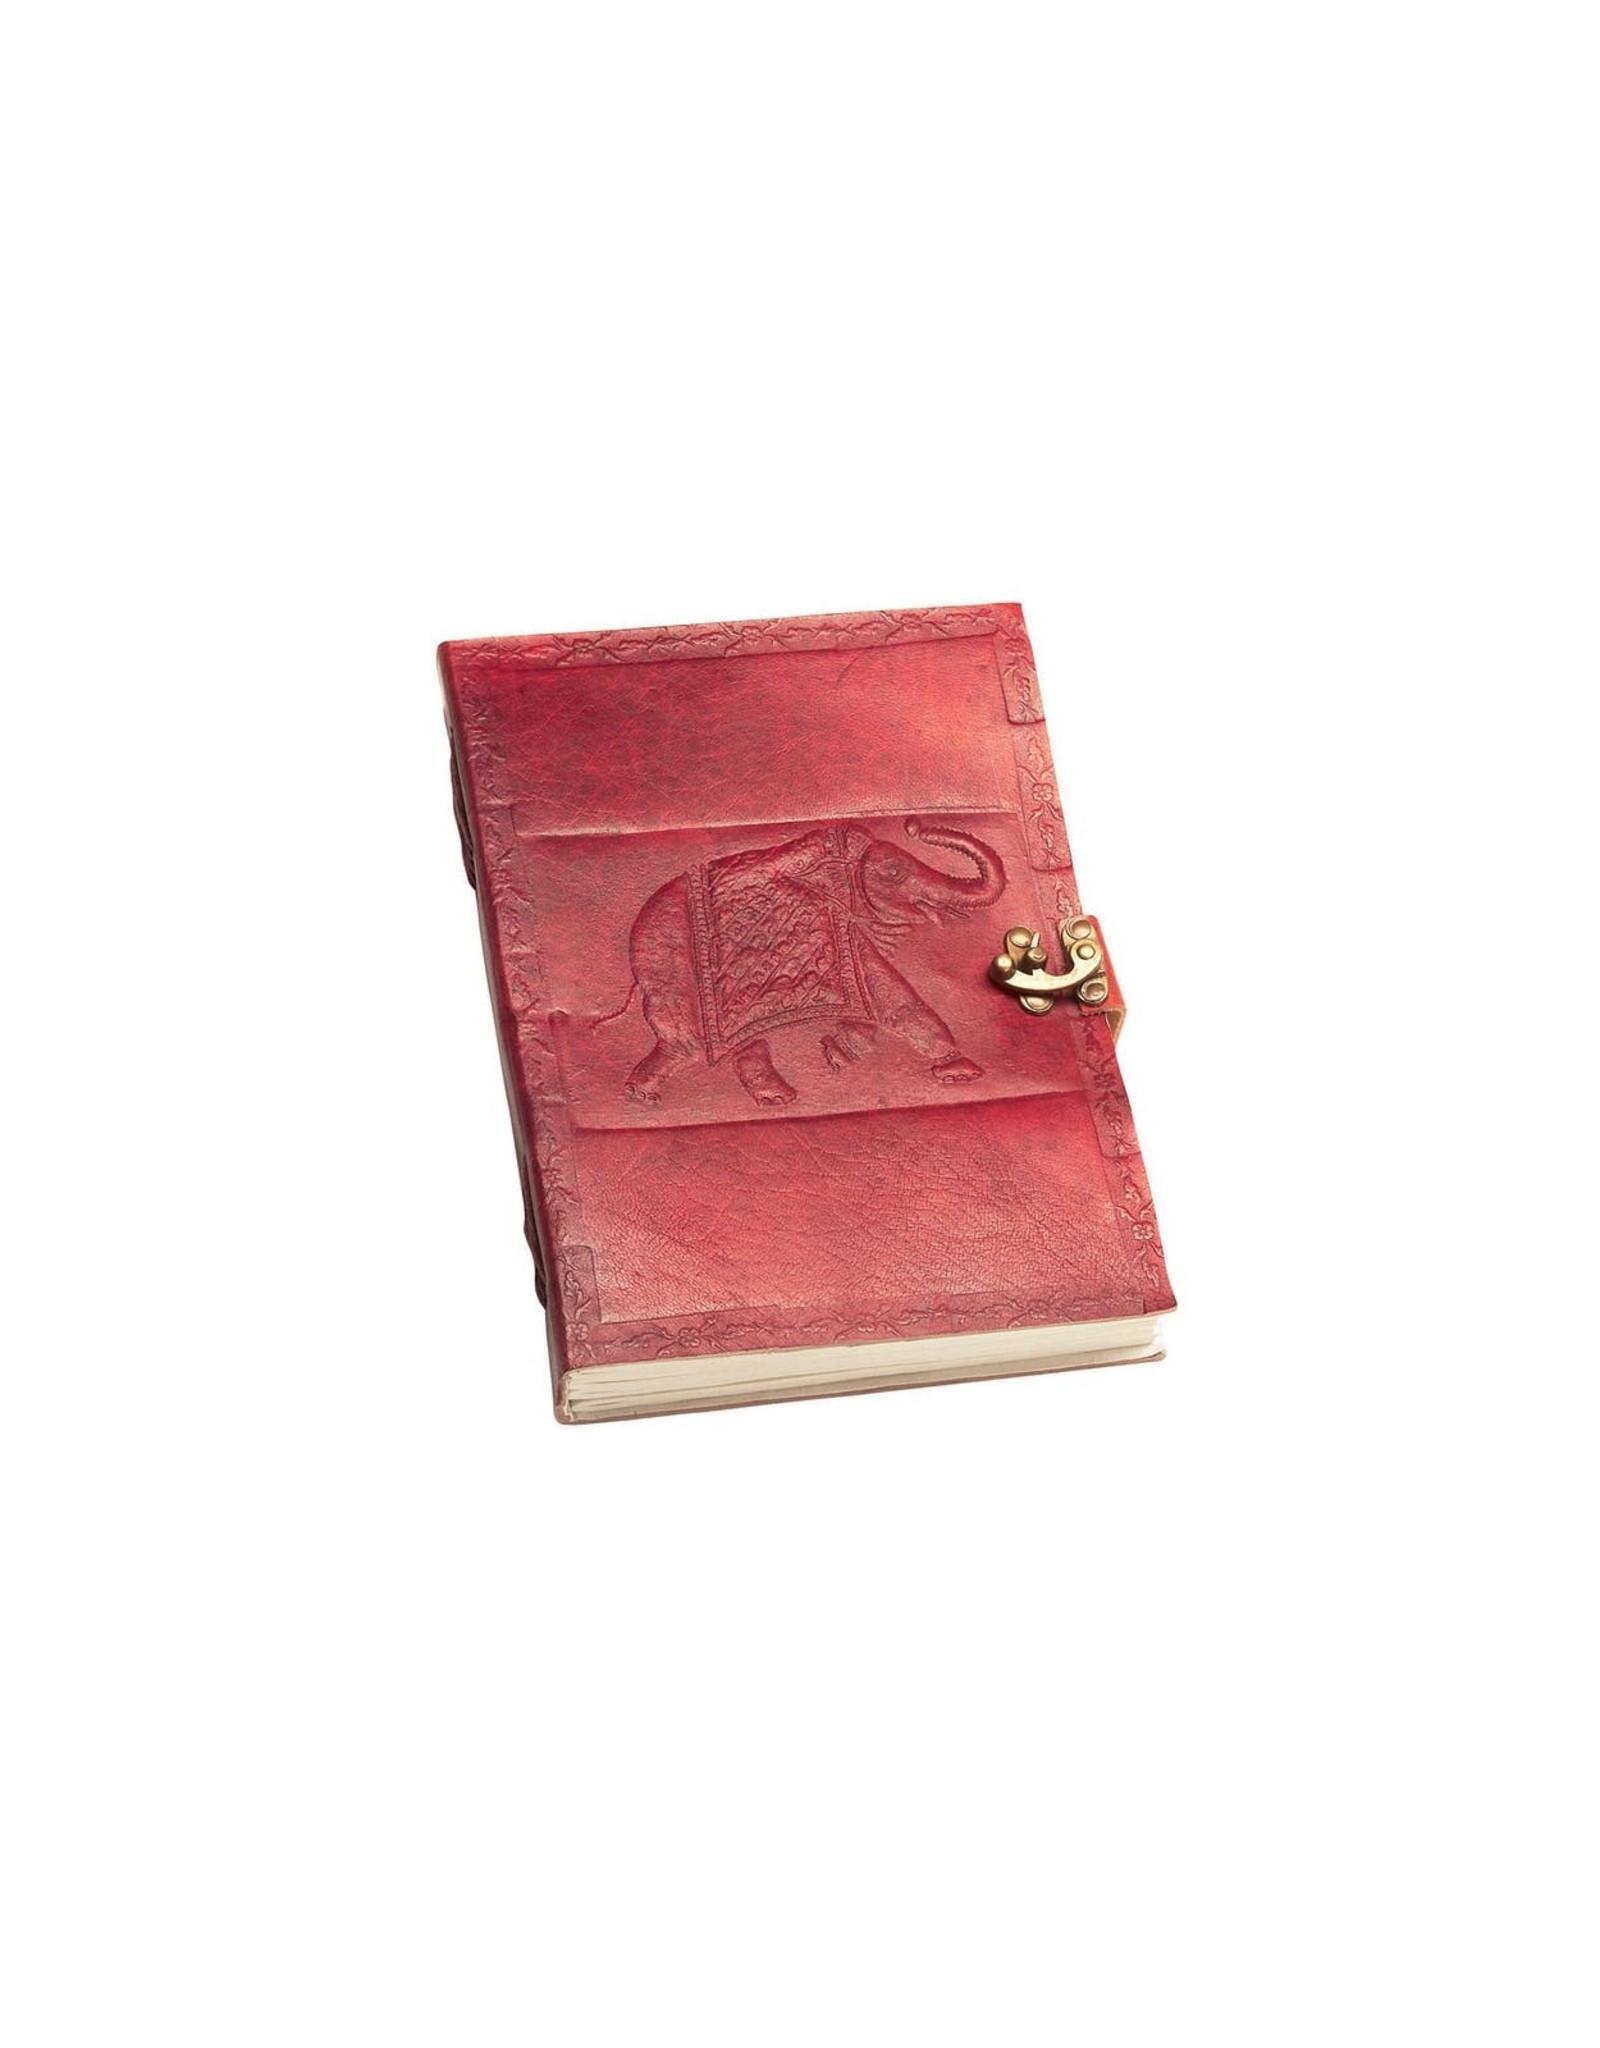 Leather Elephant Journal, India